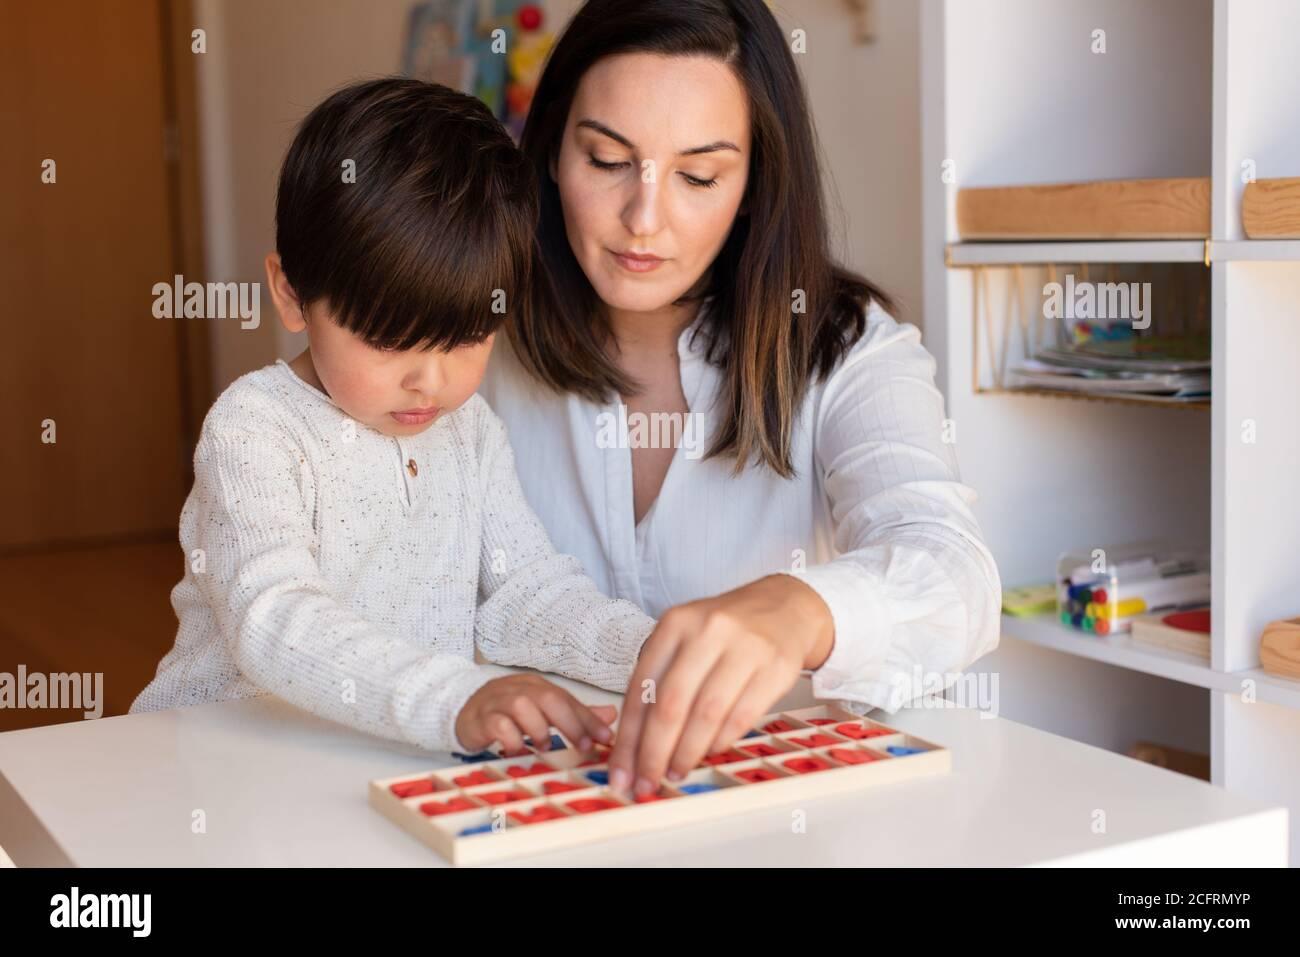 Lillte Kid imparare a scrivere e leggere con un alfabeto e la madre o l'aiuto dell'insegnante. Homeshooling. Comunità di apprendimento. Scuola Montessori Foto Stock